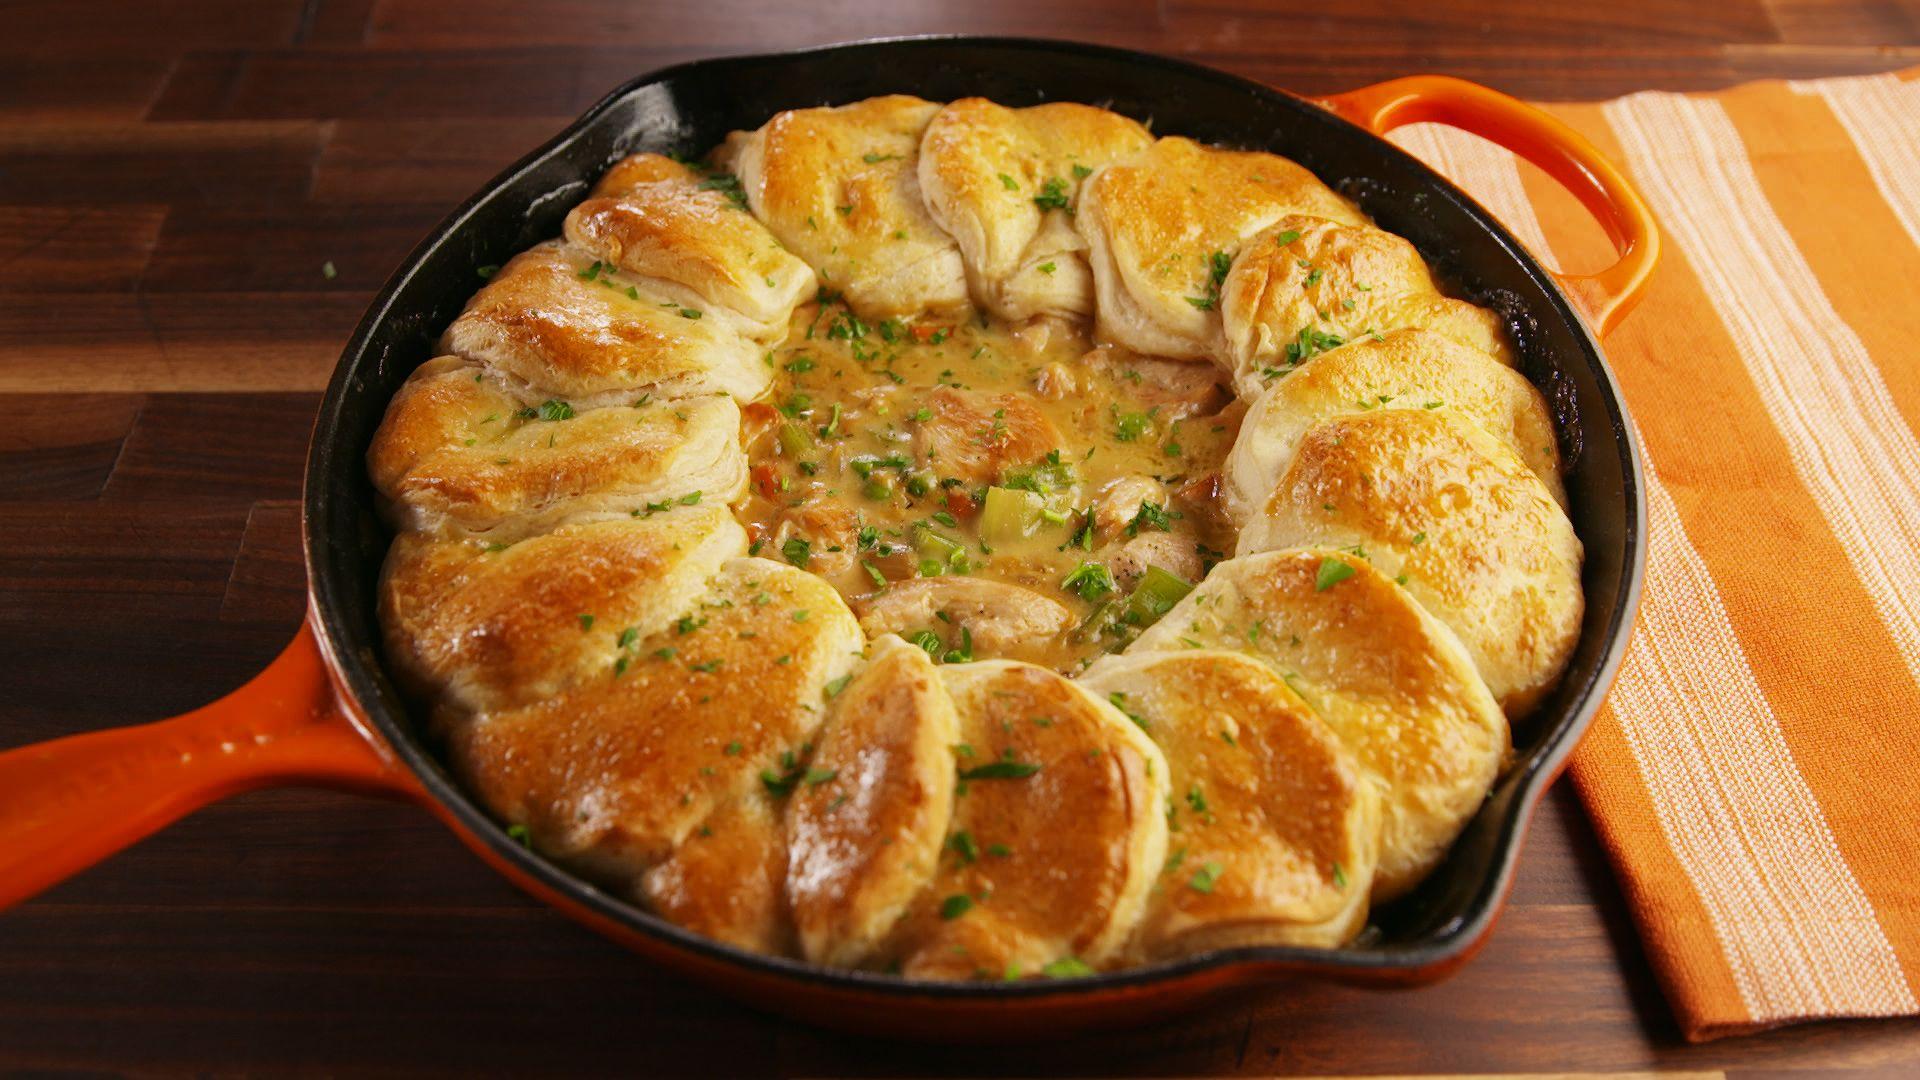 Best Skillet Chicken Pot Pie Recipe How To Make Skillet Chicken